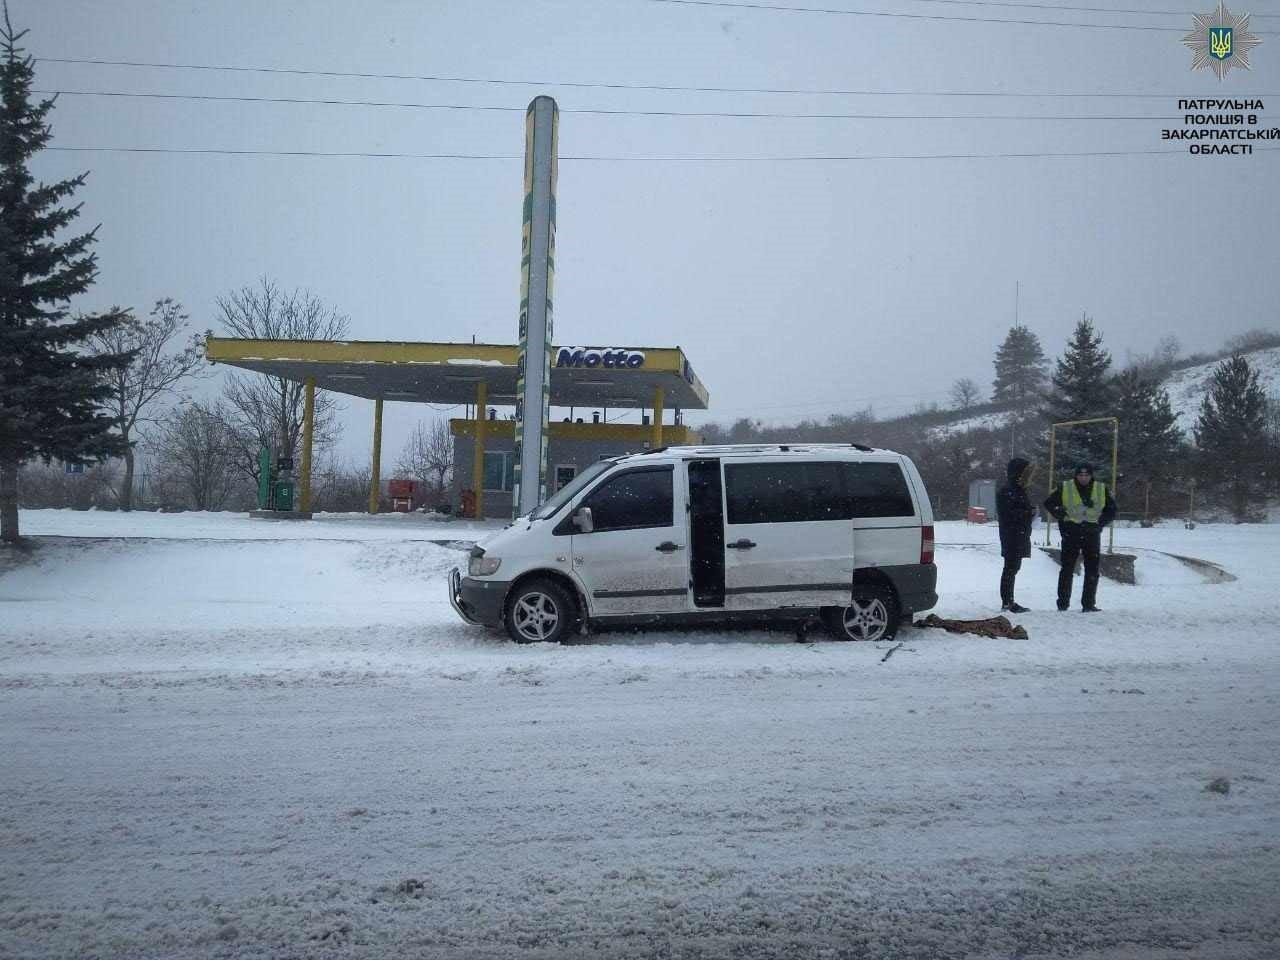 Заблоковані в машині, немічний турист і кілометровий затор: на засніжених дорогах Закарпаття за добу сталося 9 аварій (ФОТОРЕПОРТАЖ), фото-1